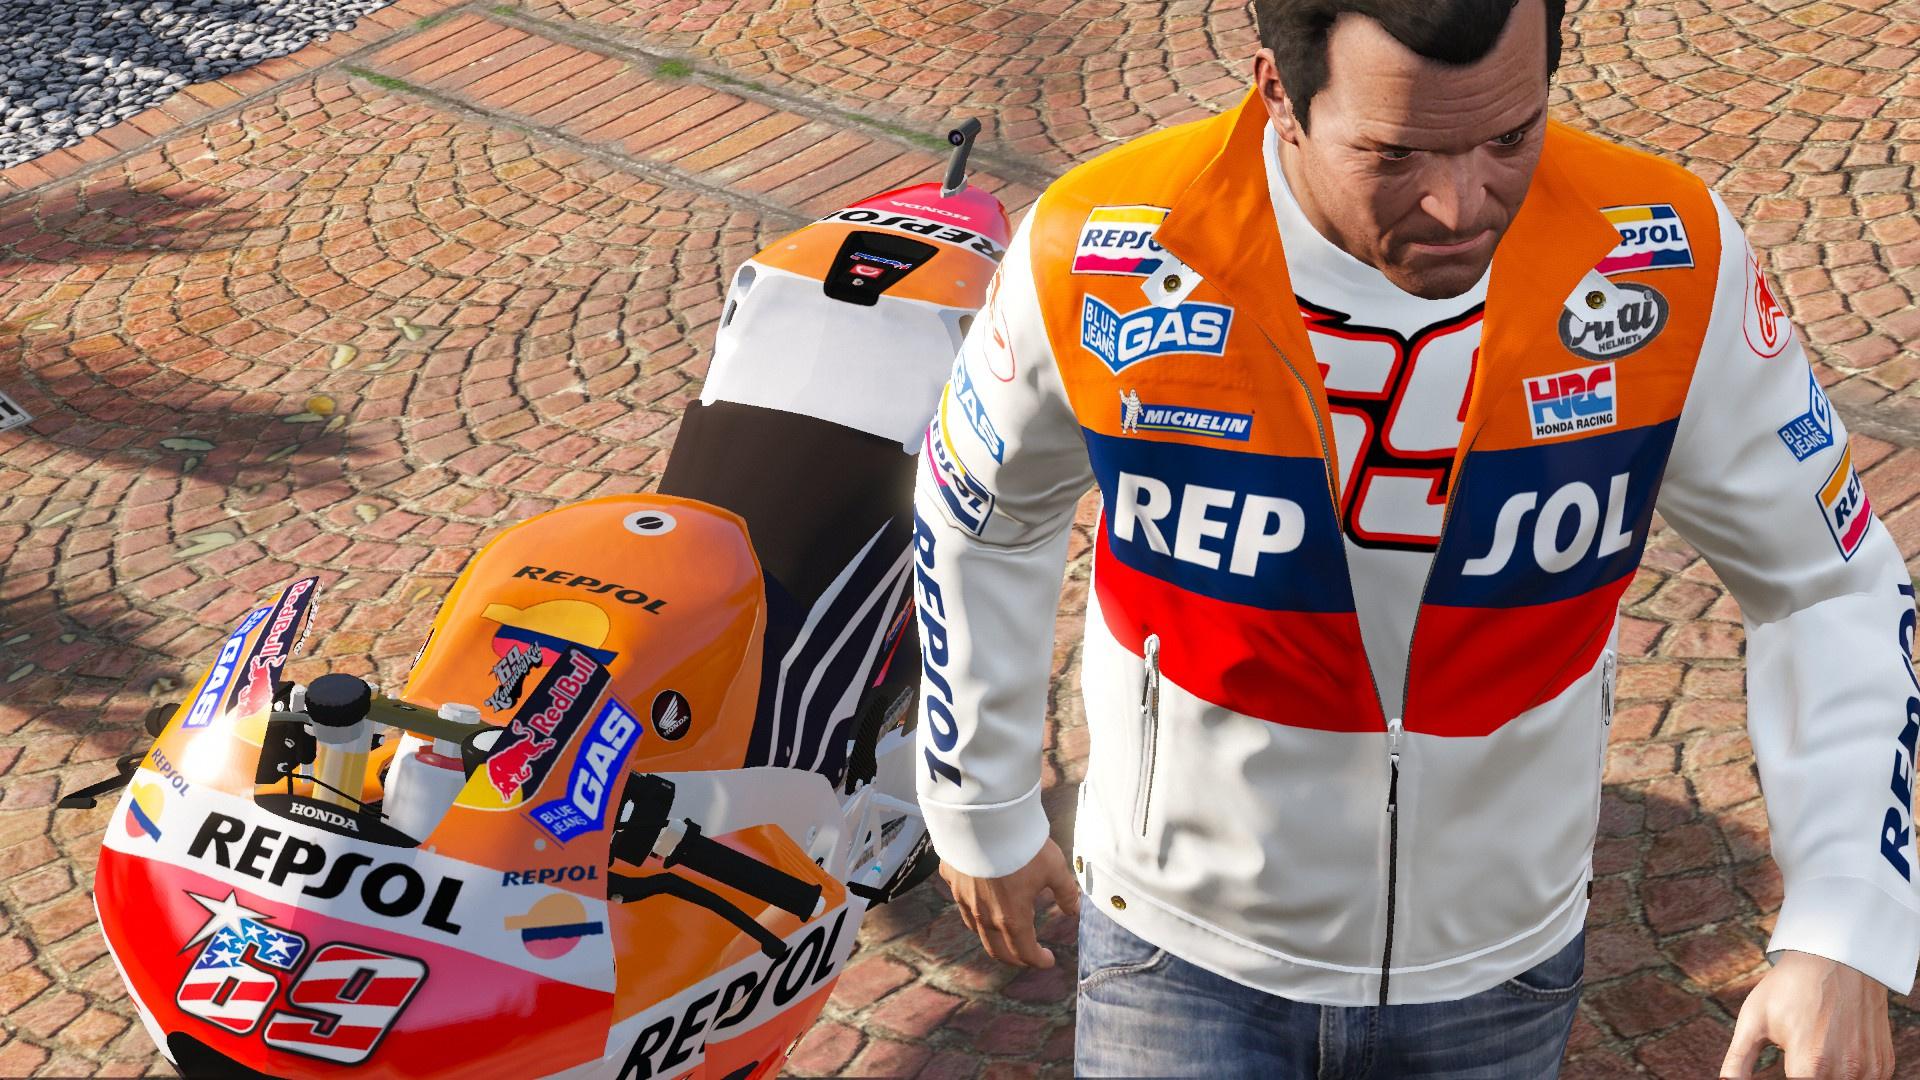 Nicky Hayden Repsol Honda Alpinestars Jacket For Michael Gta5 Modscom Jaket Redbull F1dc64 20170524091902 1